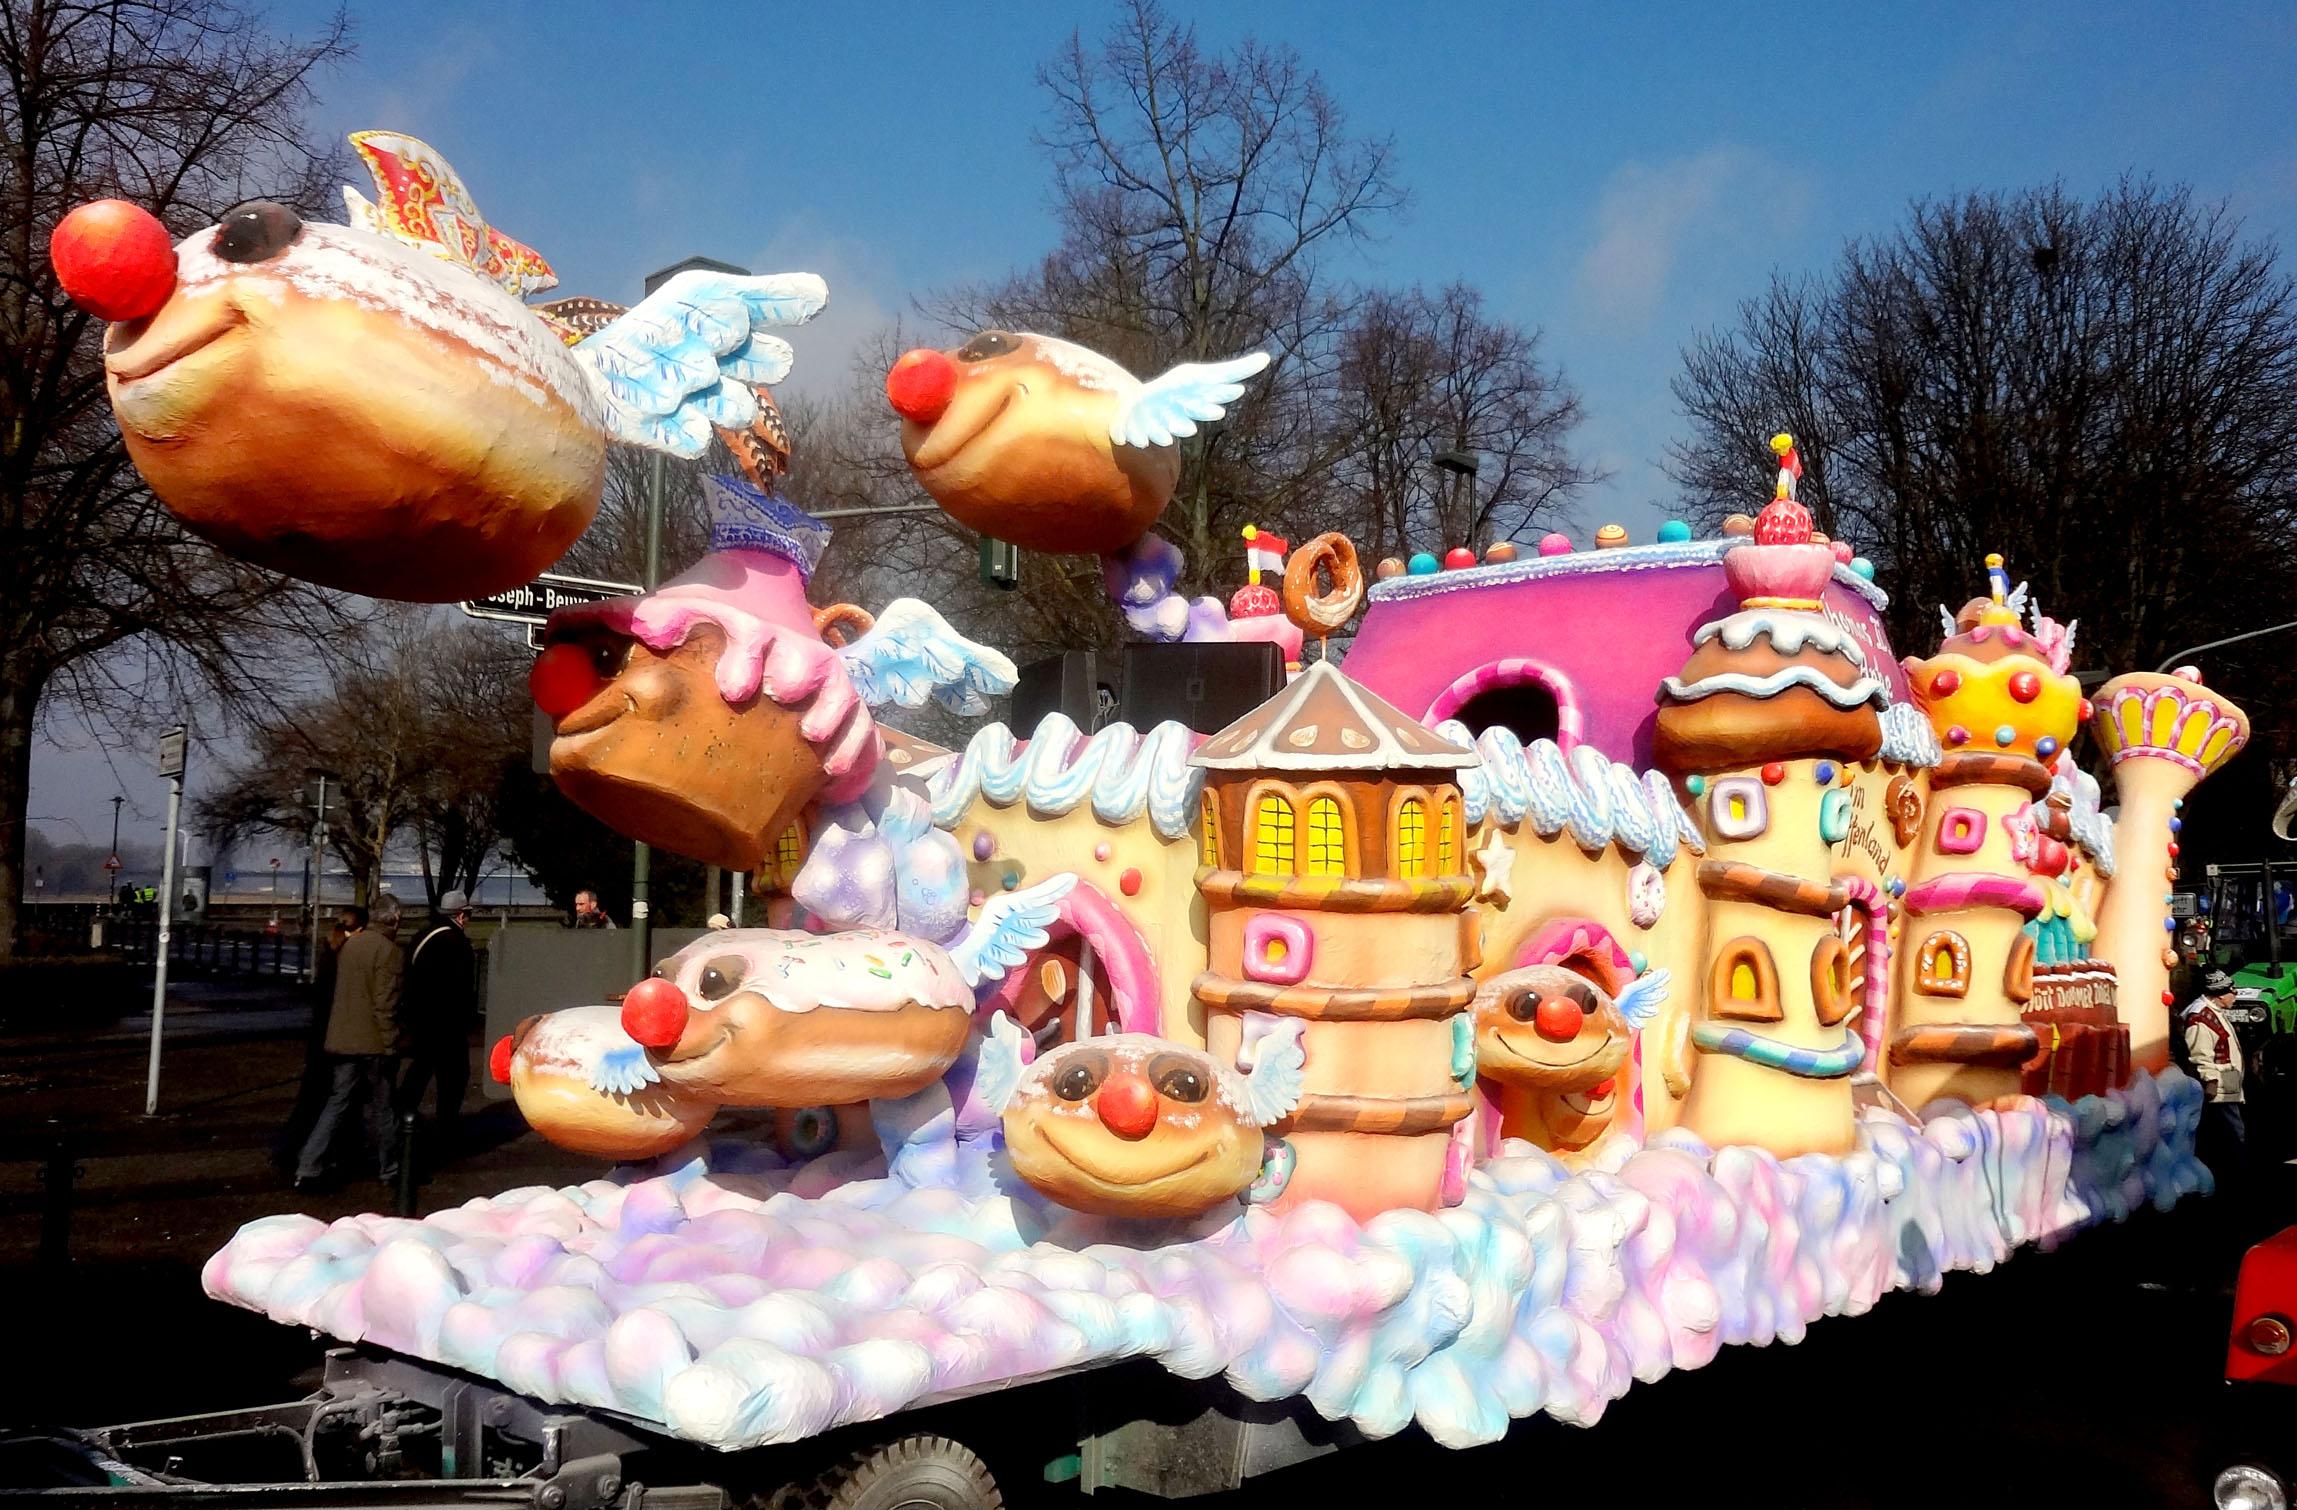 Mehr bilder vom prinzenwagen des düsseldorfer rosenmontagszuges 2012